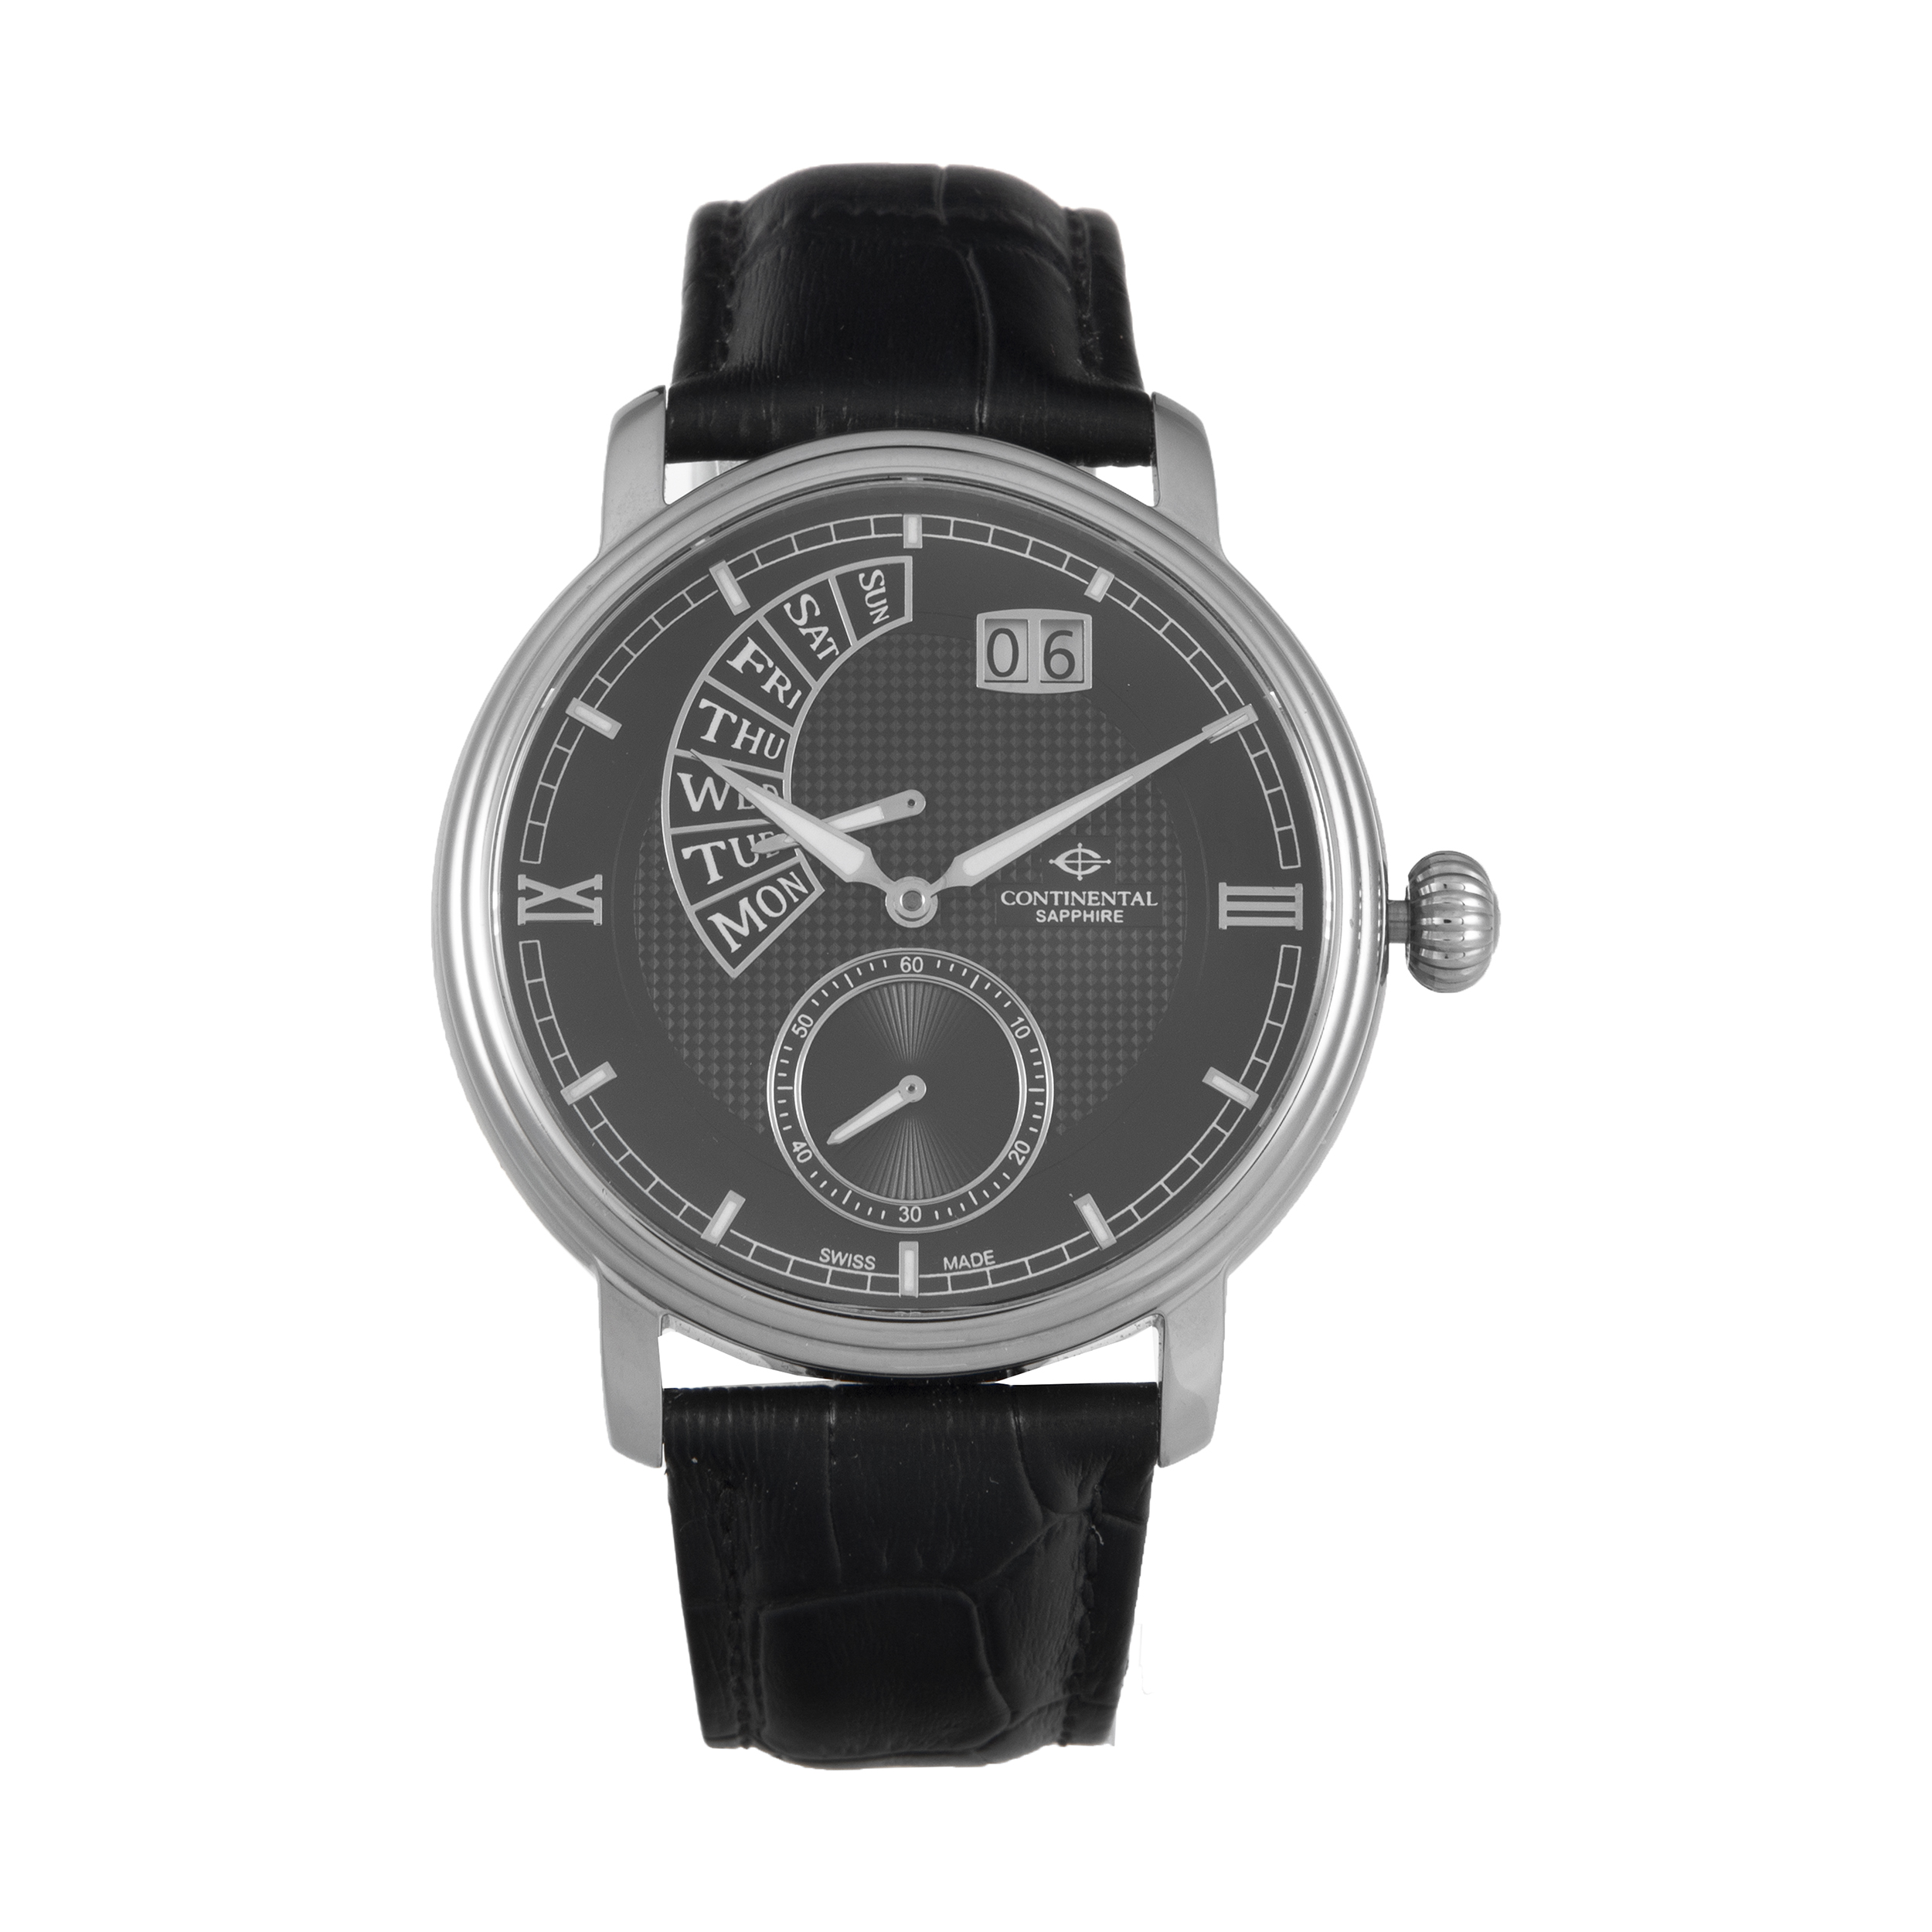 ساعت مچی عقربه ای مردانه کنتیننتال مدل 19240-GR154430